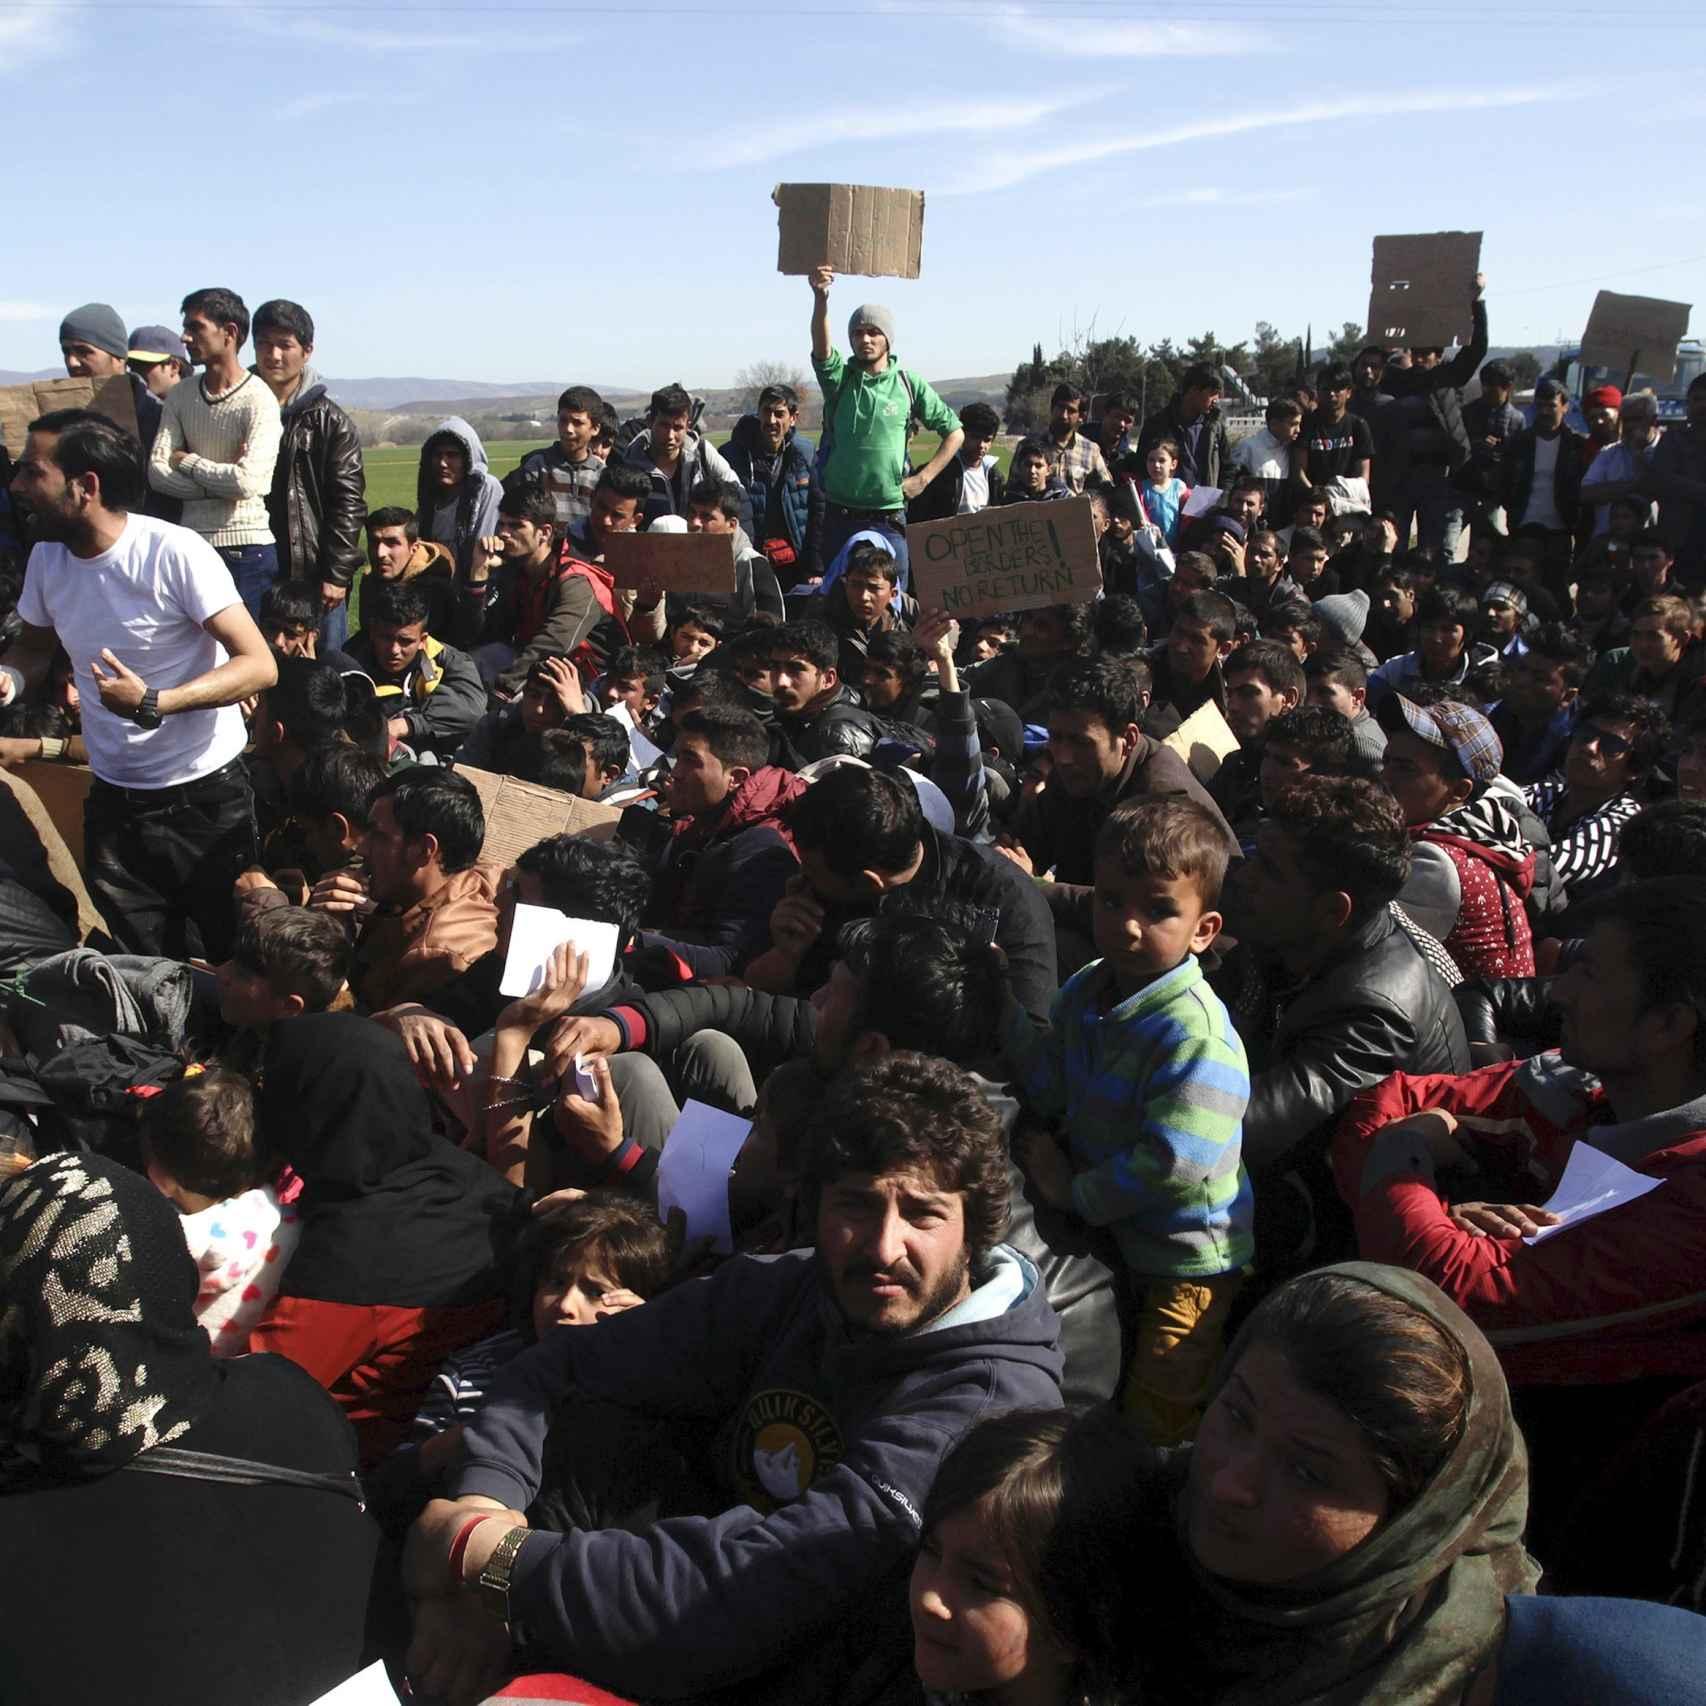 Refugiados en la frontera entre Grecia y Macedonia